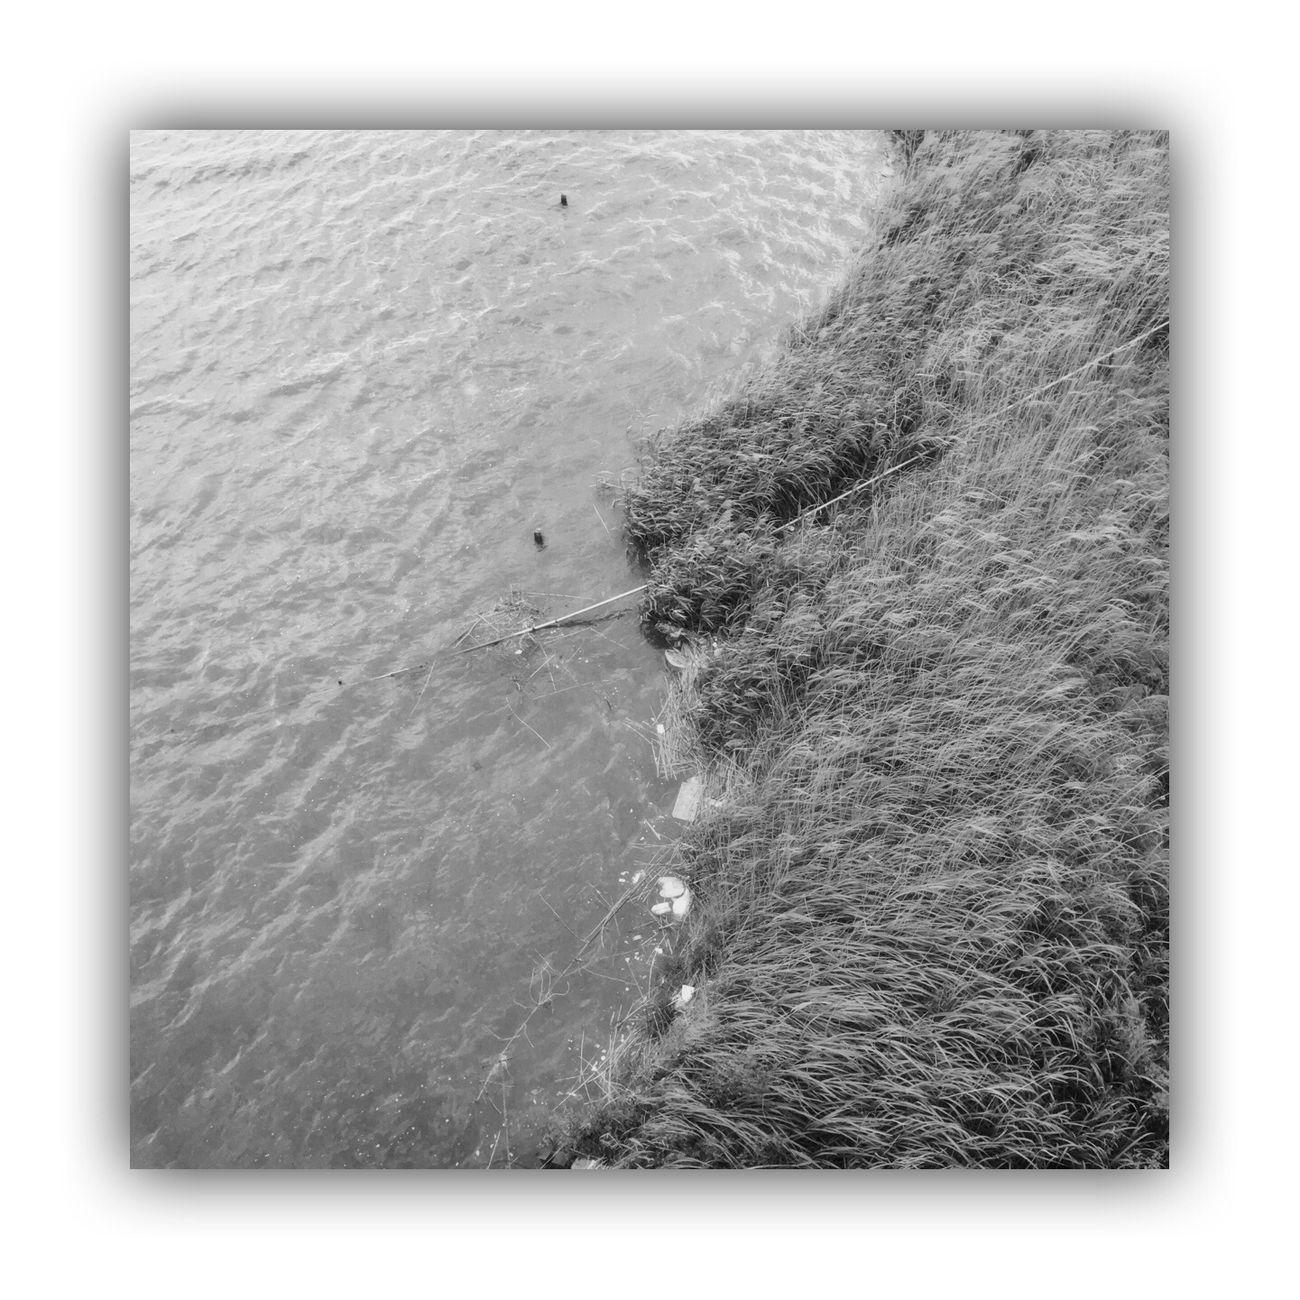 「川を橋の上から撮る」 I Took The Rivers From On The Bridge River Bridge Monochrome_life Blackandwhite Light And Shadow Monochrome